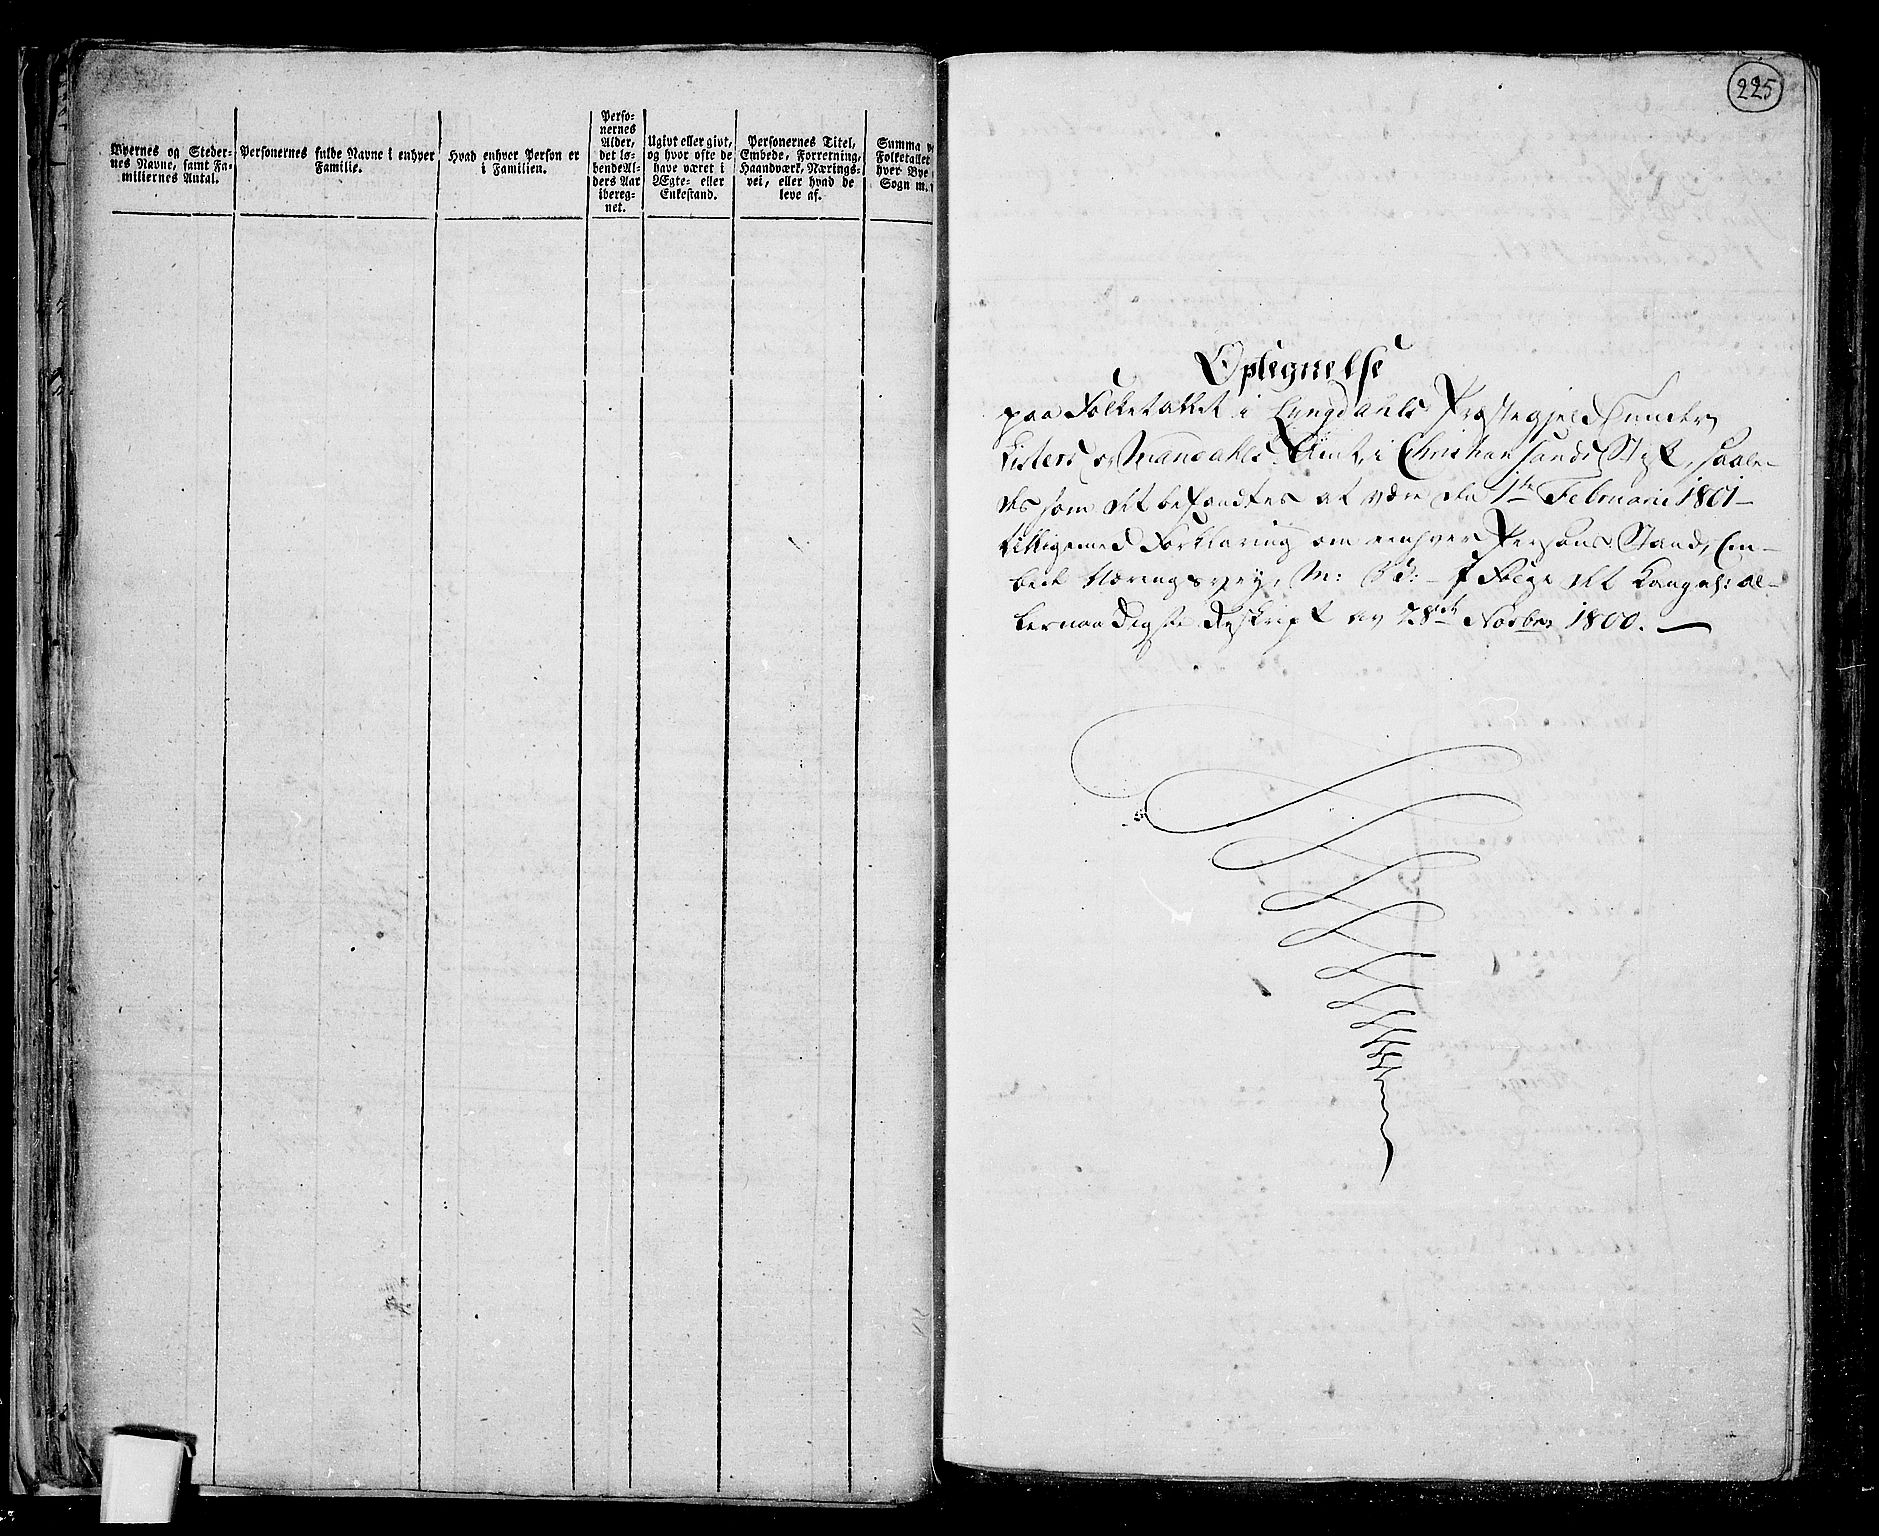 RA, Folketelling 1801 for 1032P Lyngdal prestegjeld, 1801, s. 224b-225a